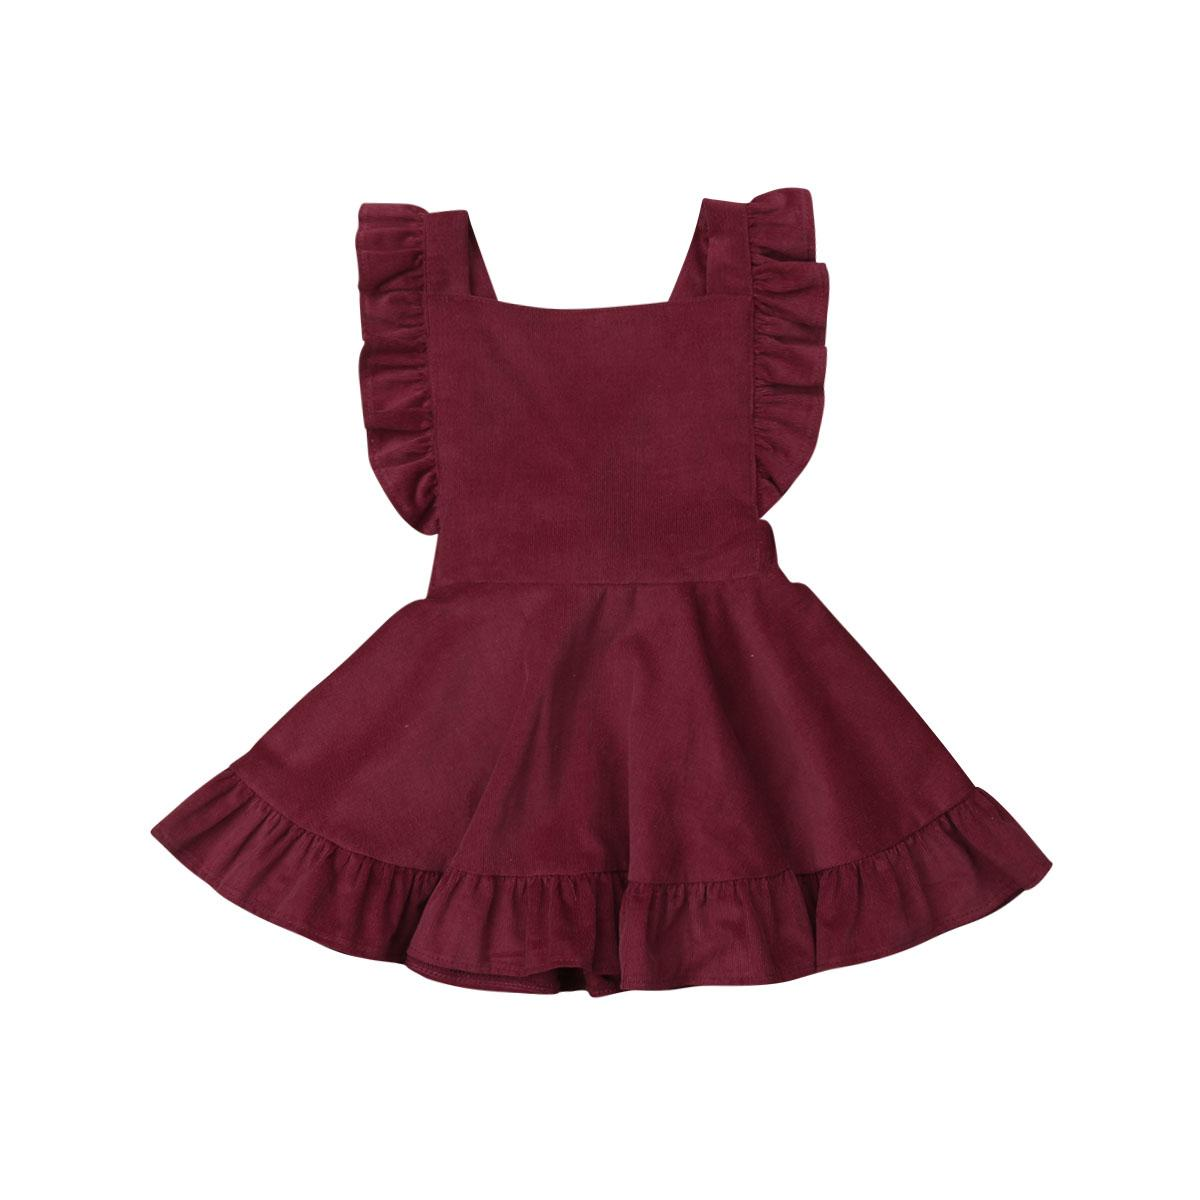 الوليد الاطفال طفلة الزهور فساتين الأميرة جميلة كودري فستان الشمس الملابس